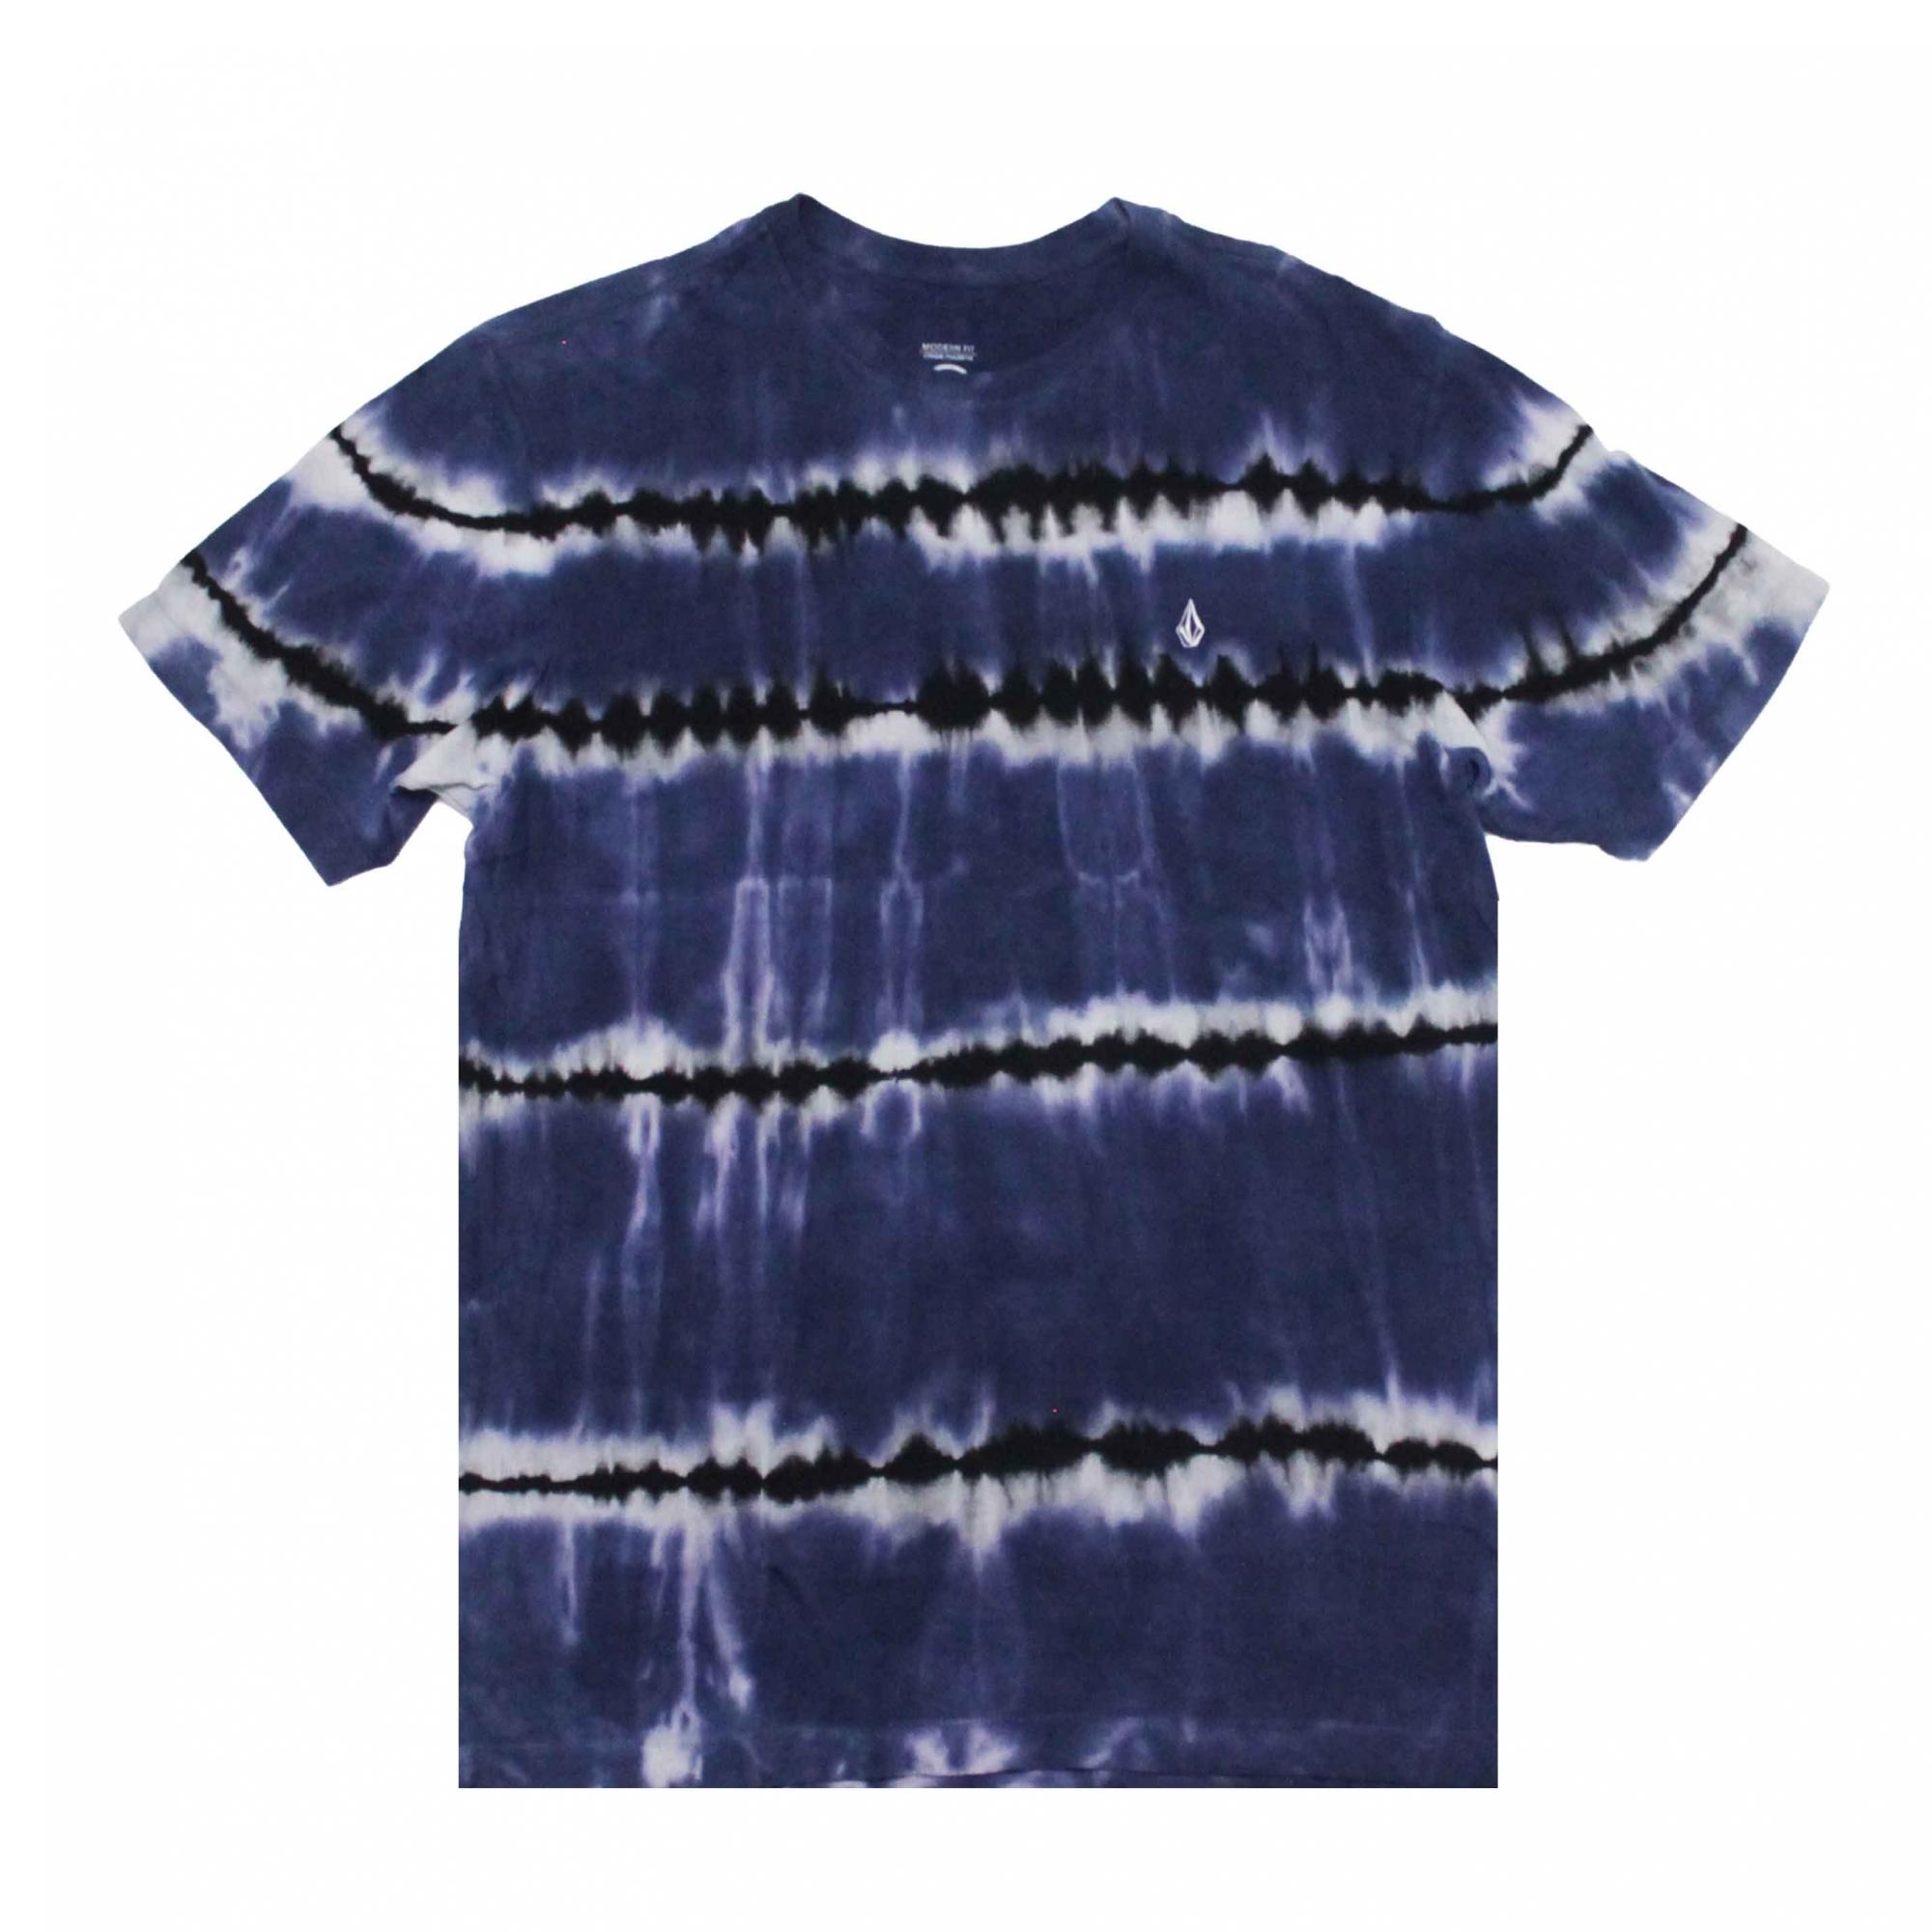 Camiseta Volcom Debut - Tie Die Azul